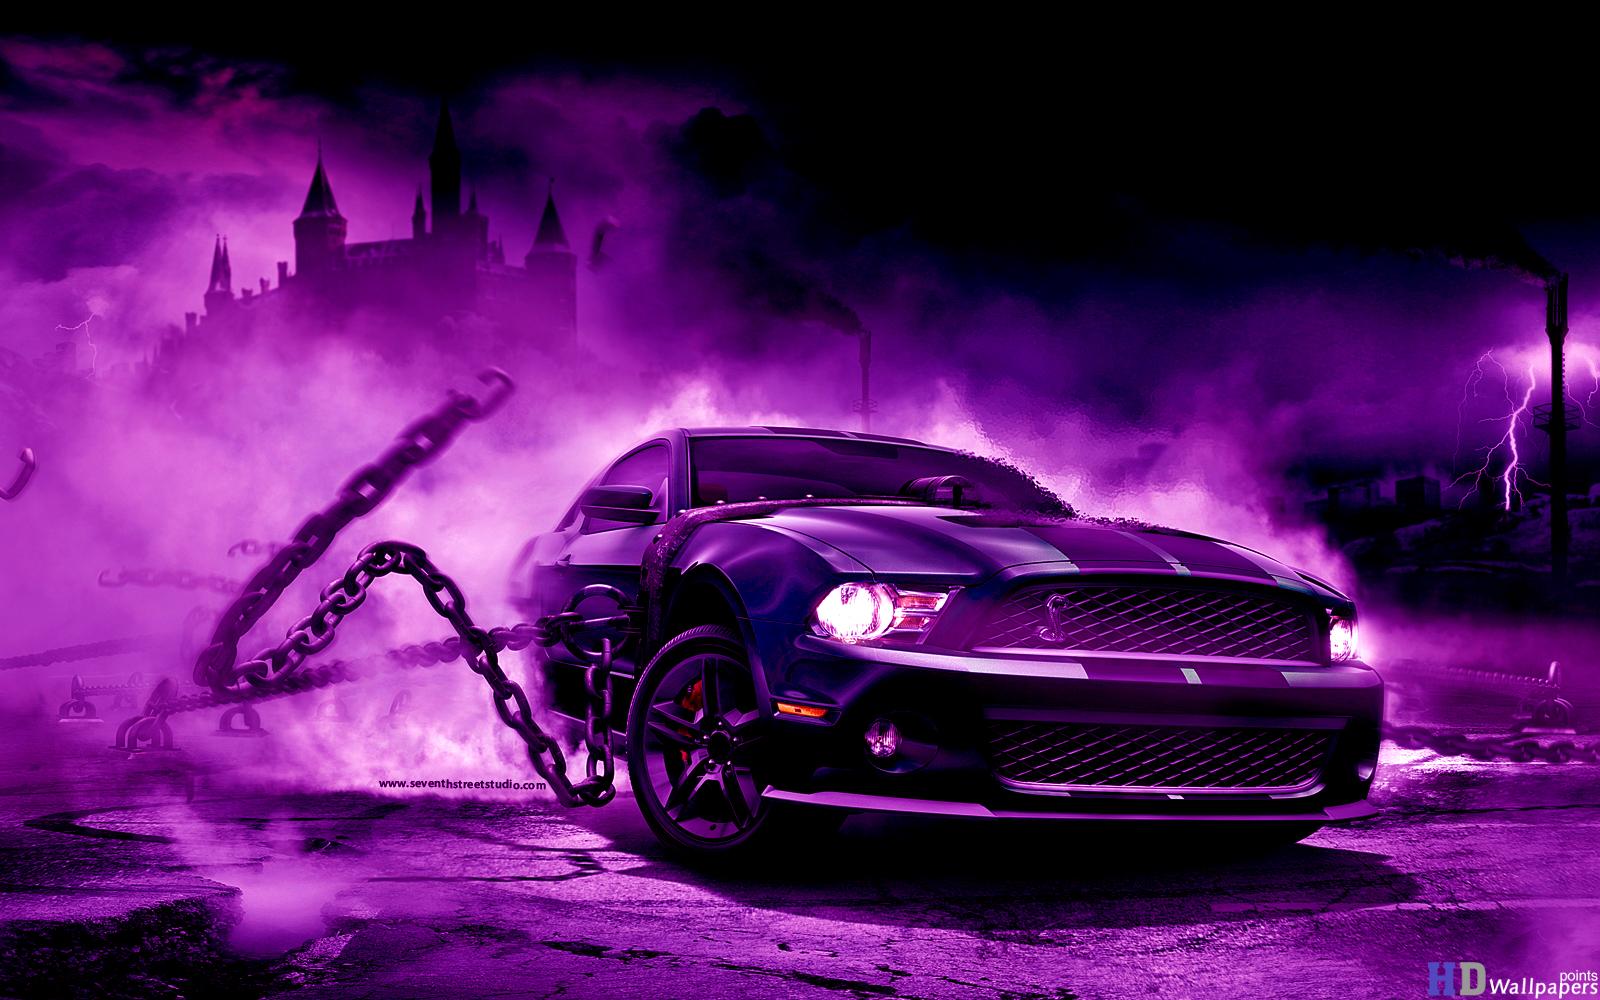 cool car wallpapers hd 1080p wallpapersafari